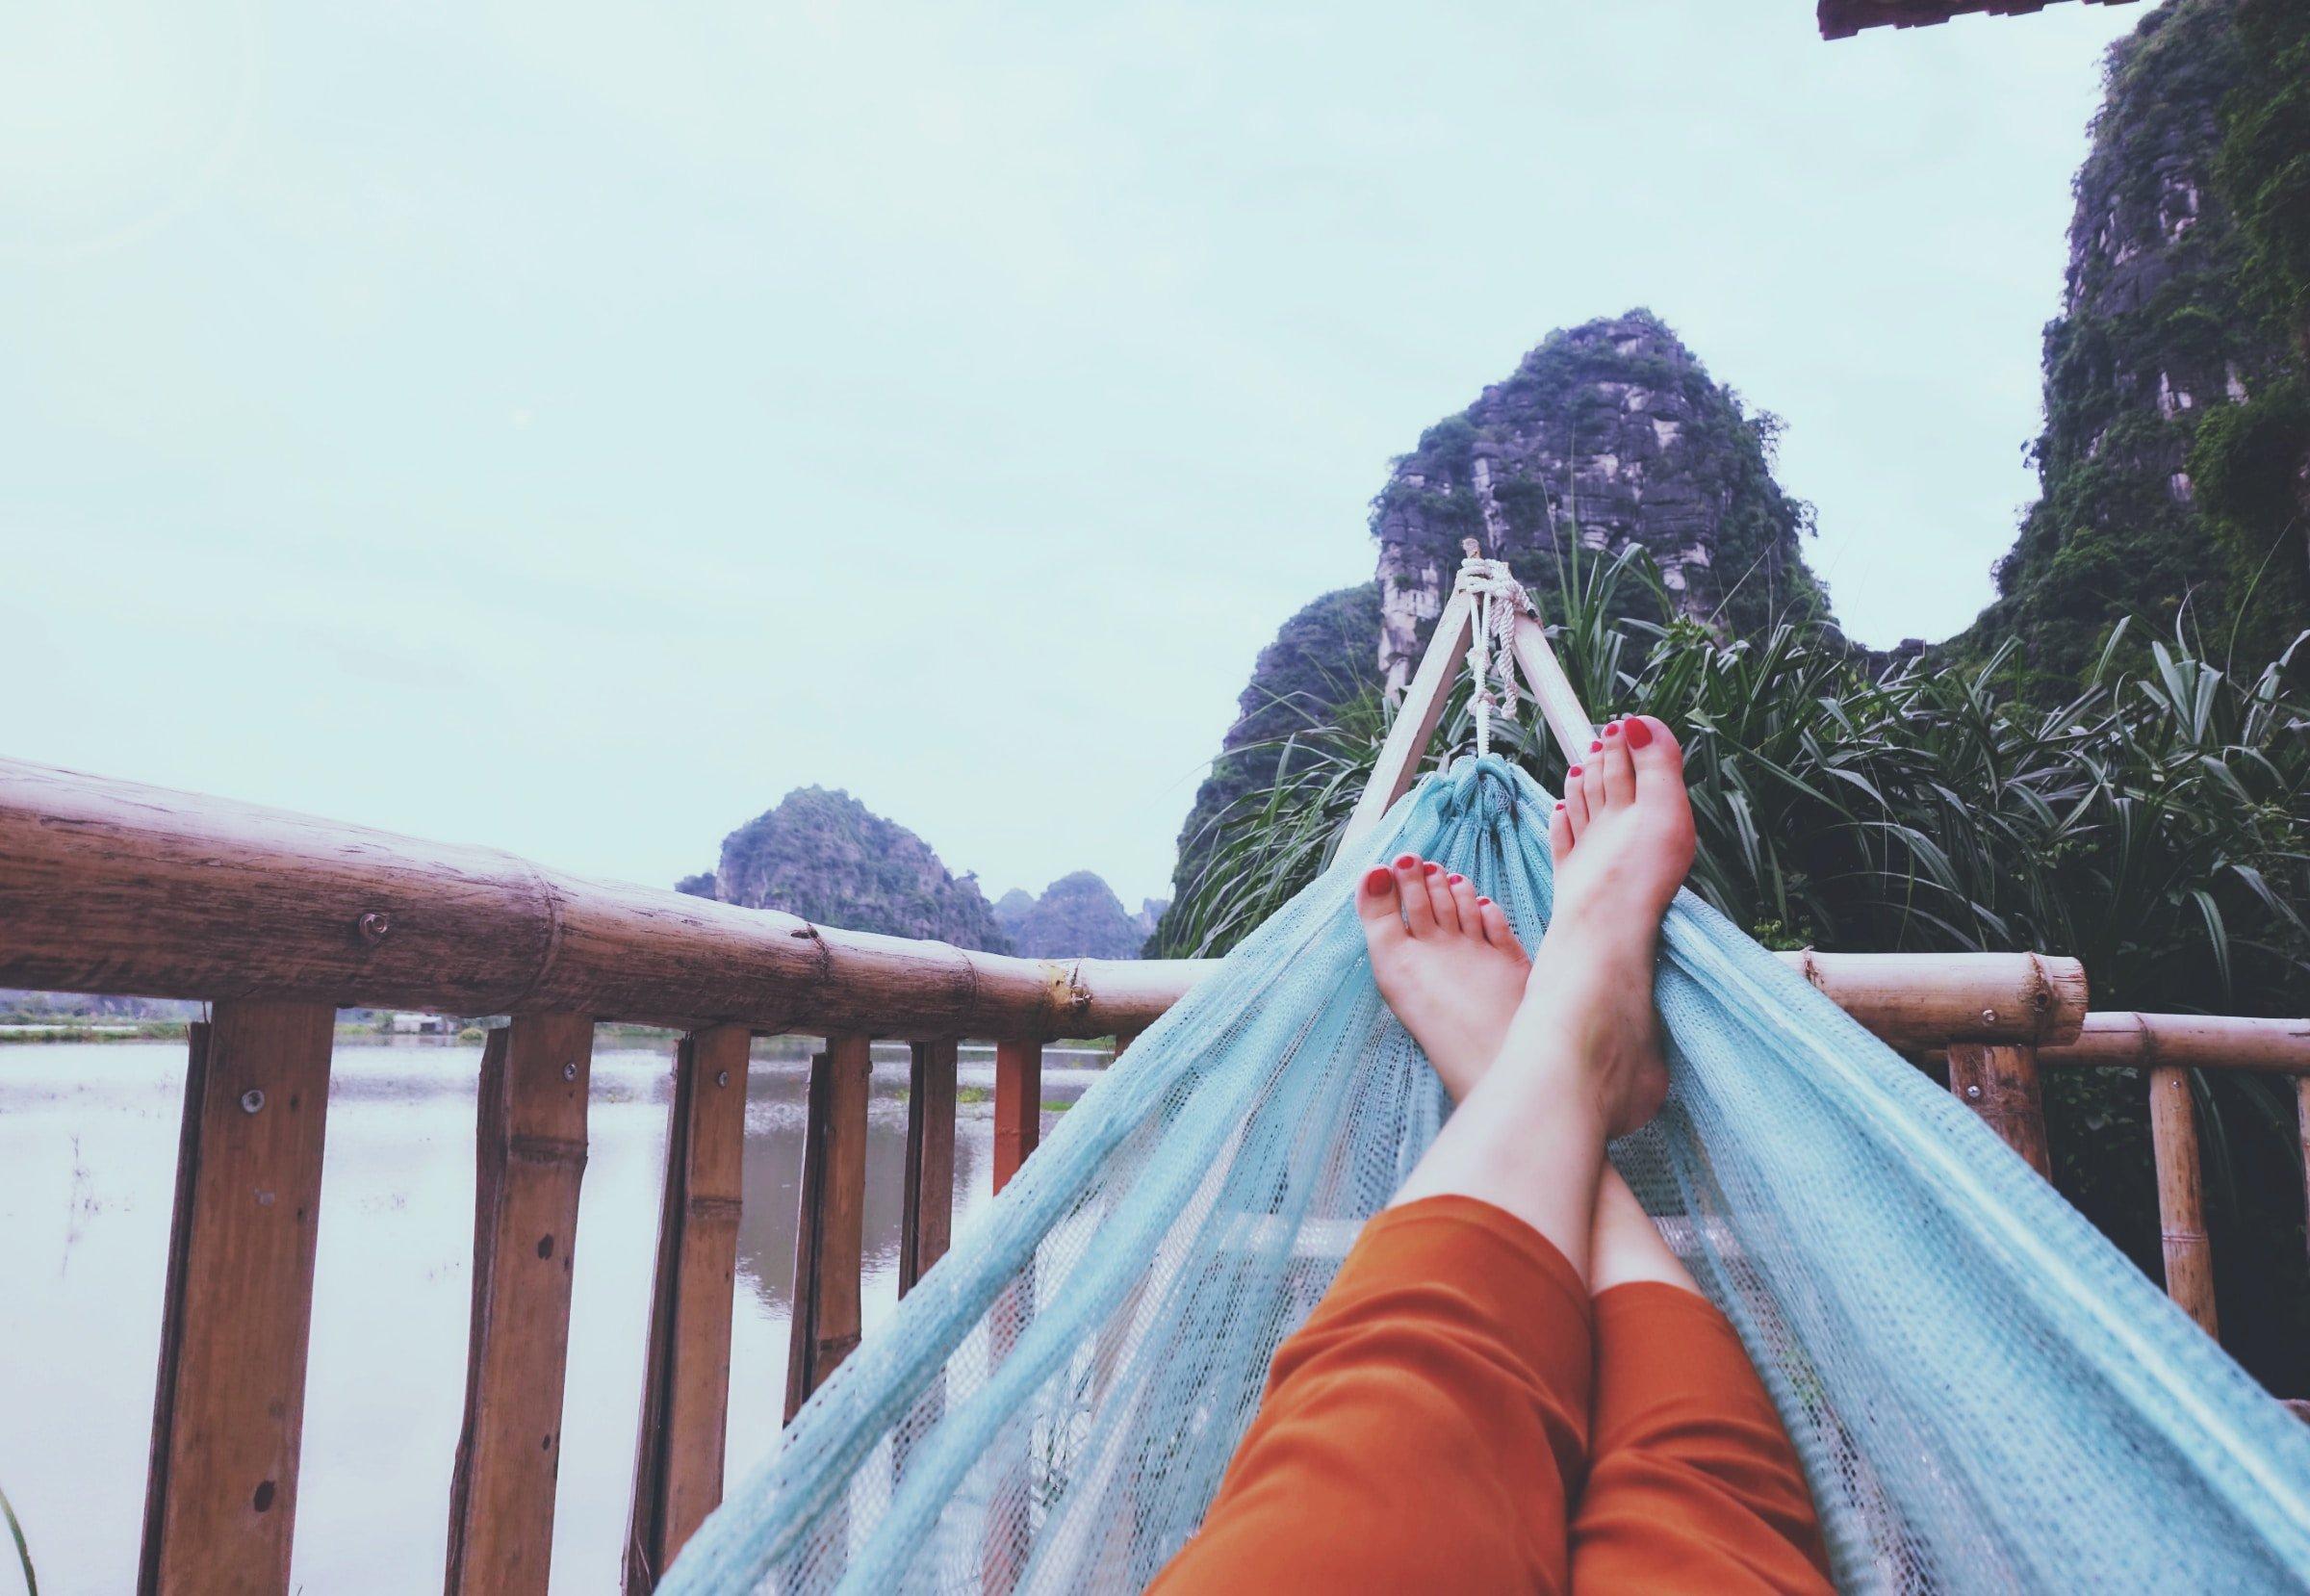 Eine Frau entspannt sich in Asien in der Hängematte